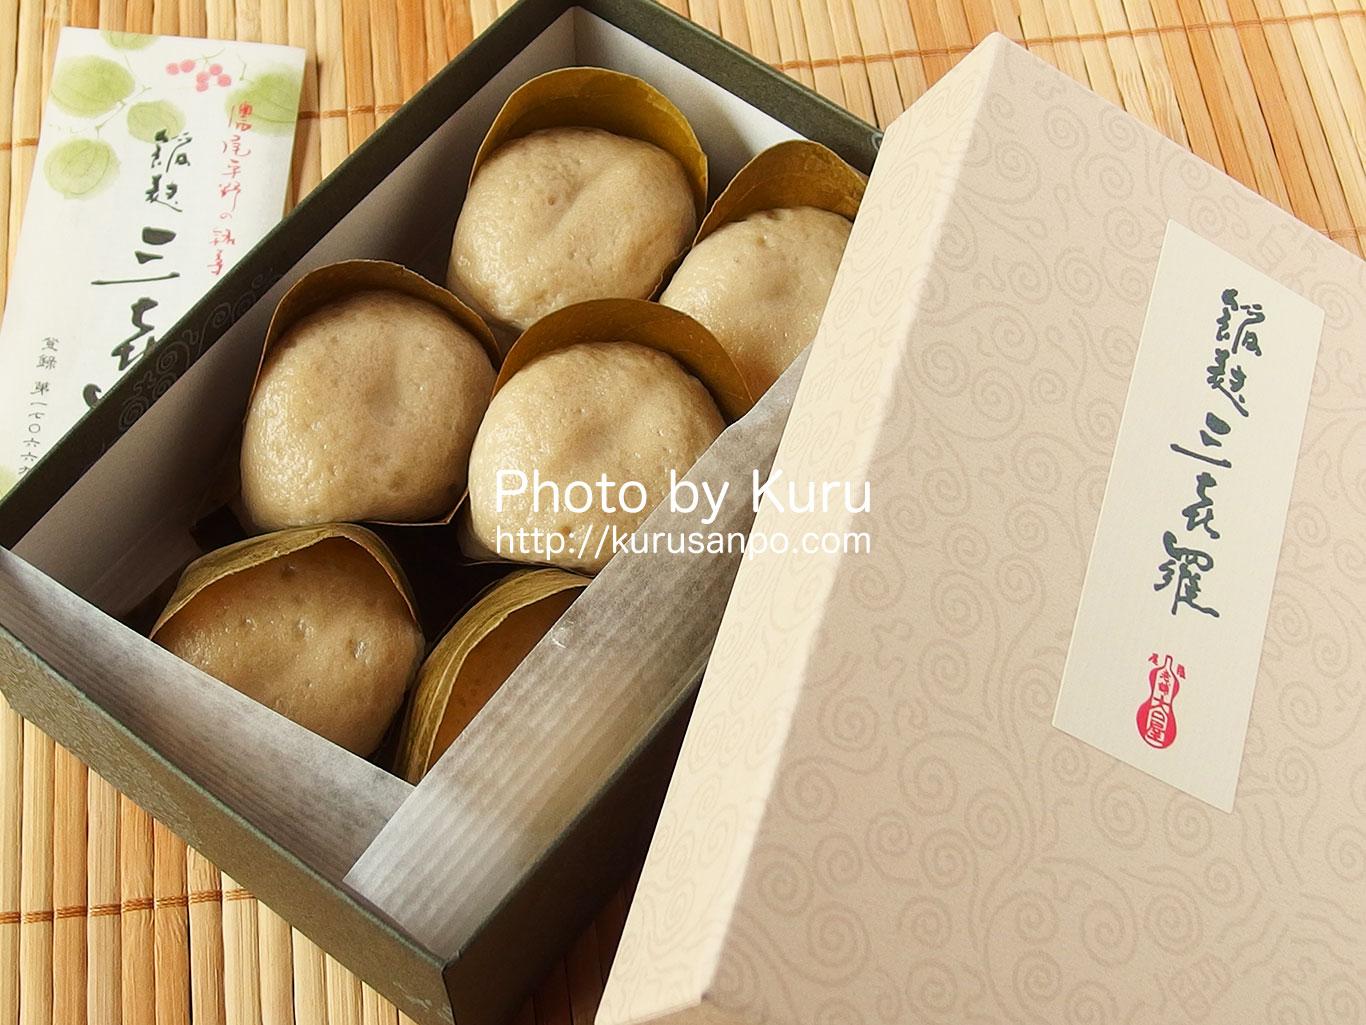 大口屋の麩饅頭『餡麩三喜羅(あんぷさんきら)』上品なこし餡と生麩の食感が絶妙♪